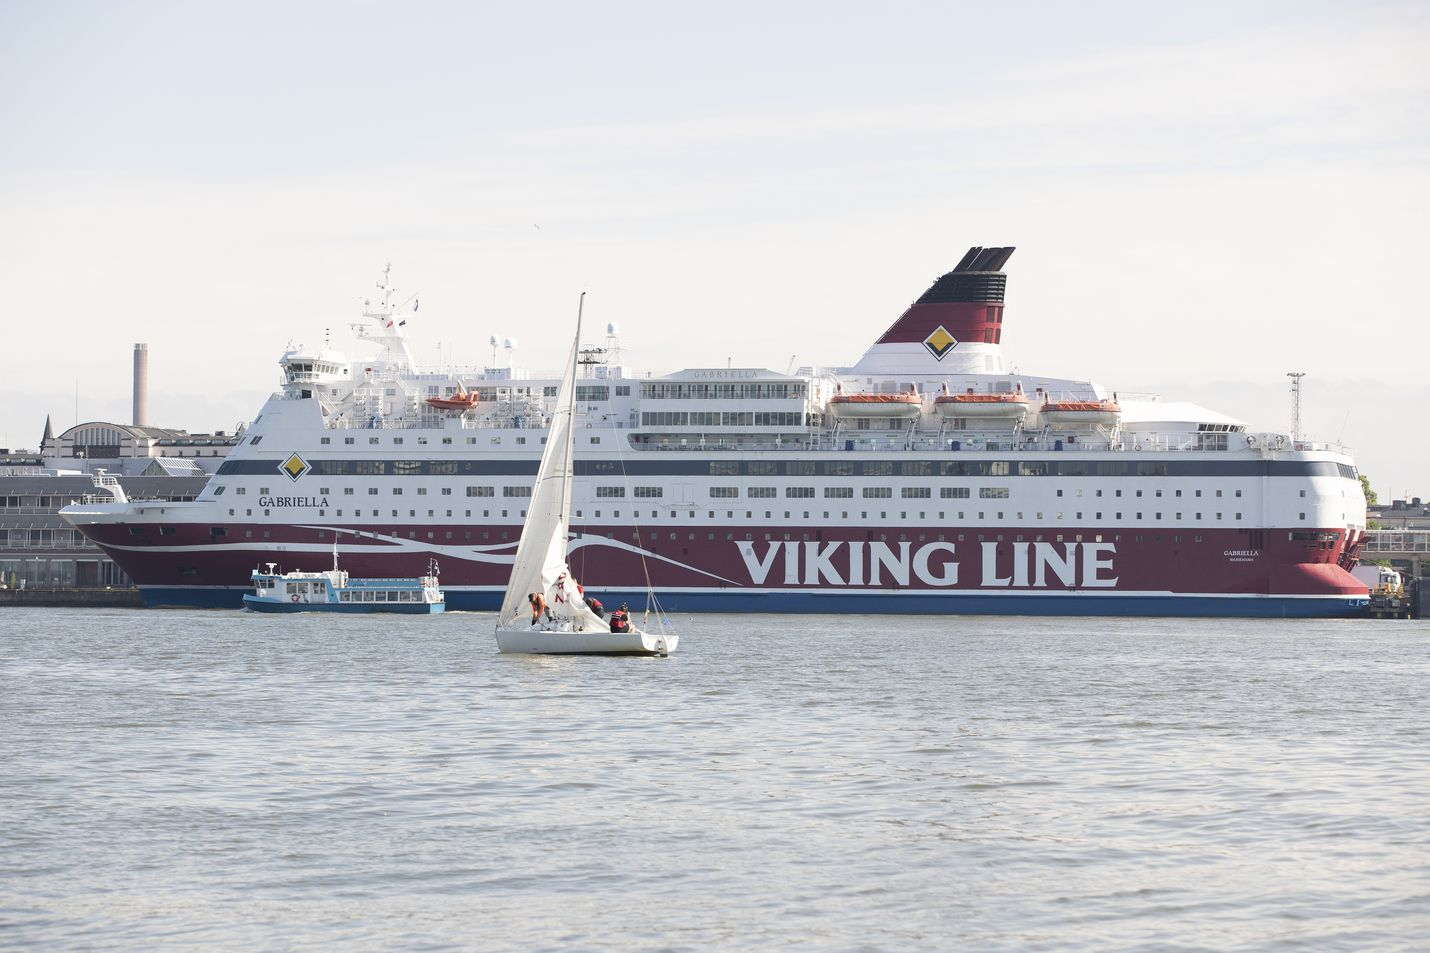 Laivayhtiöt kehittävät matkustusrajoitusten takia uusia reittejä kesäsesongiksi. Sekä Viking Line että Tallink risteilevät Helsingistä Maarianhaminaan.